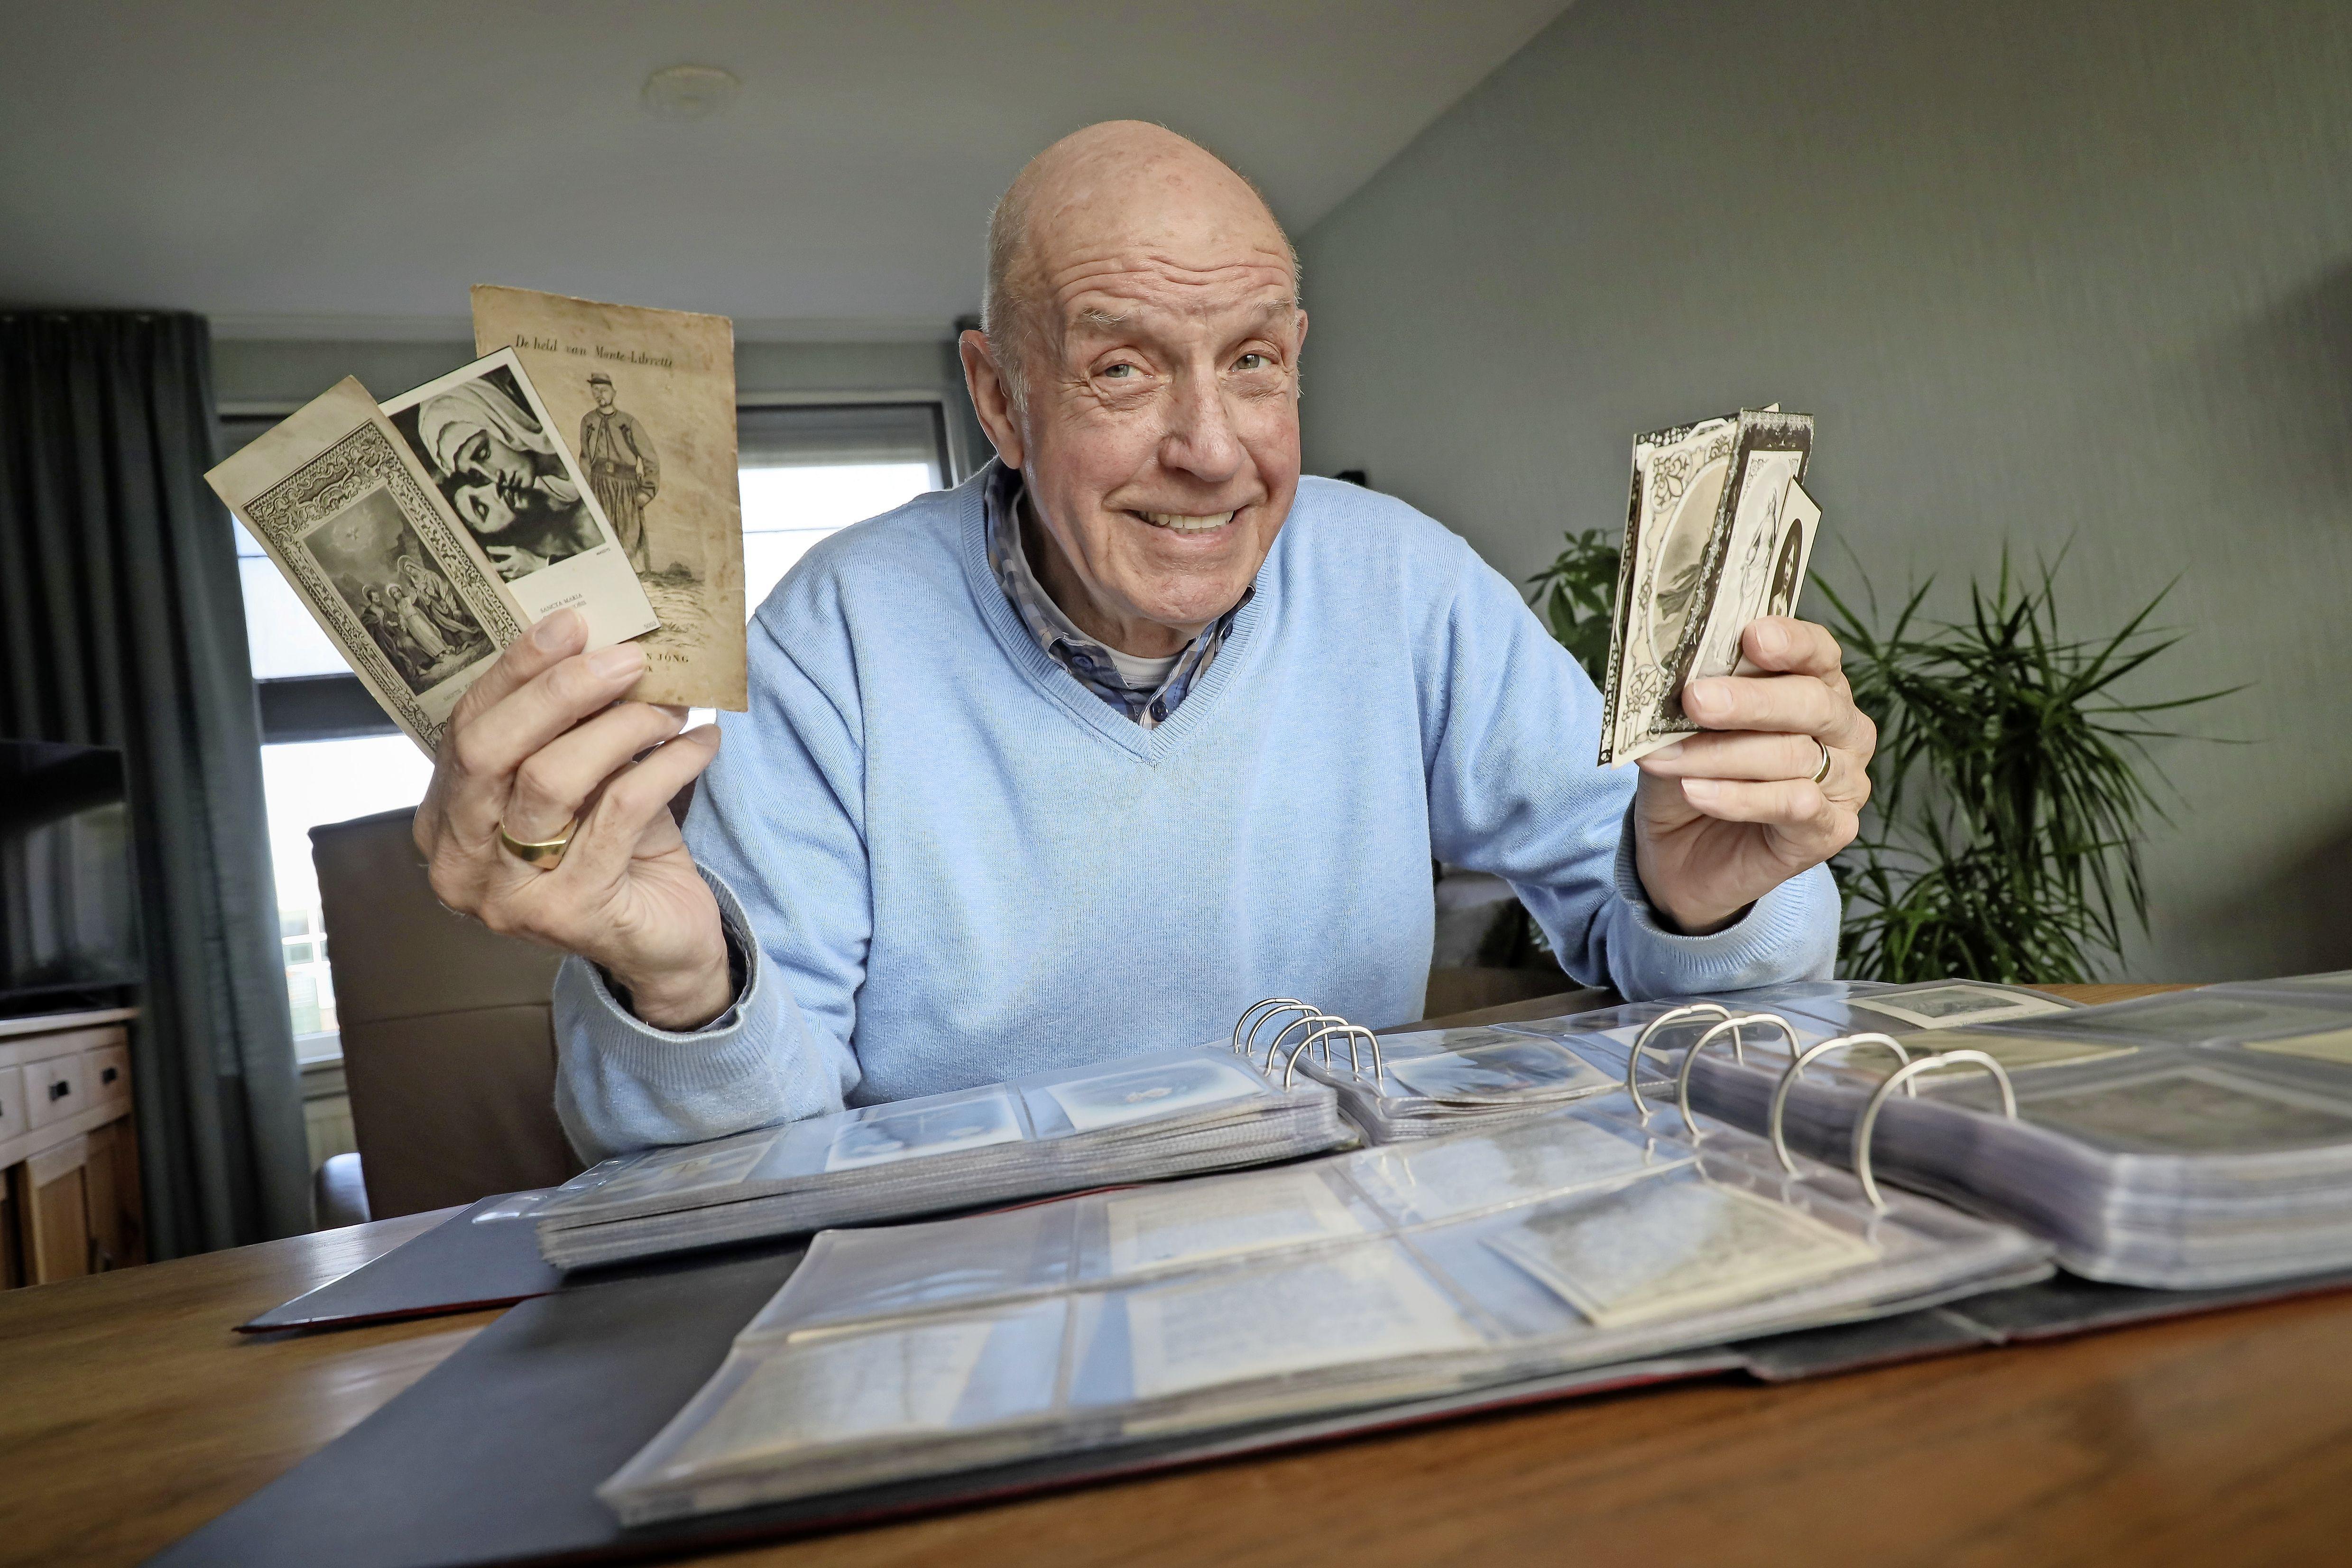 2500 doodsprentjes, maar Meindert Reus heeft nooit genoeg: 'Ik zit al jaren achter het bidprentje van mijn opa aan'